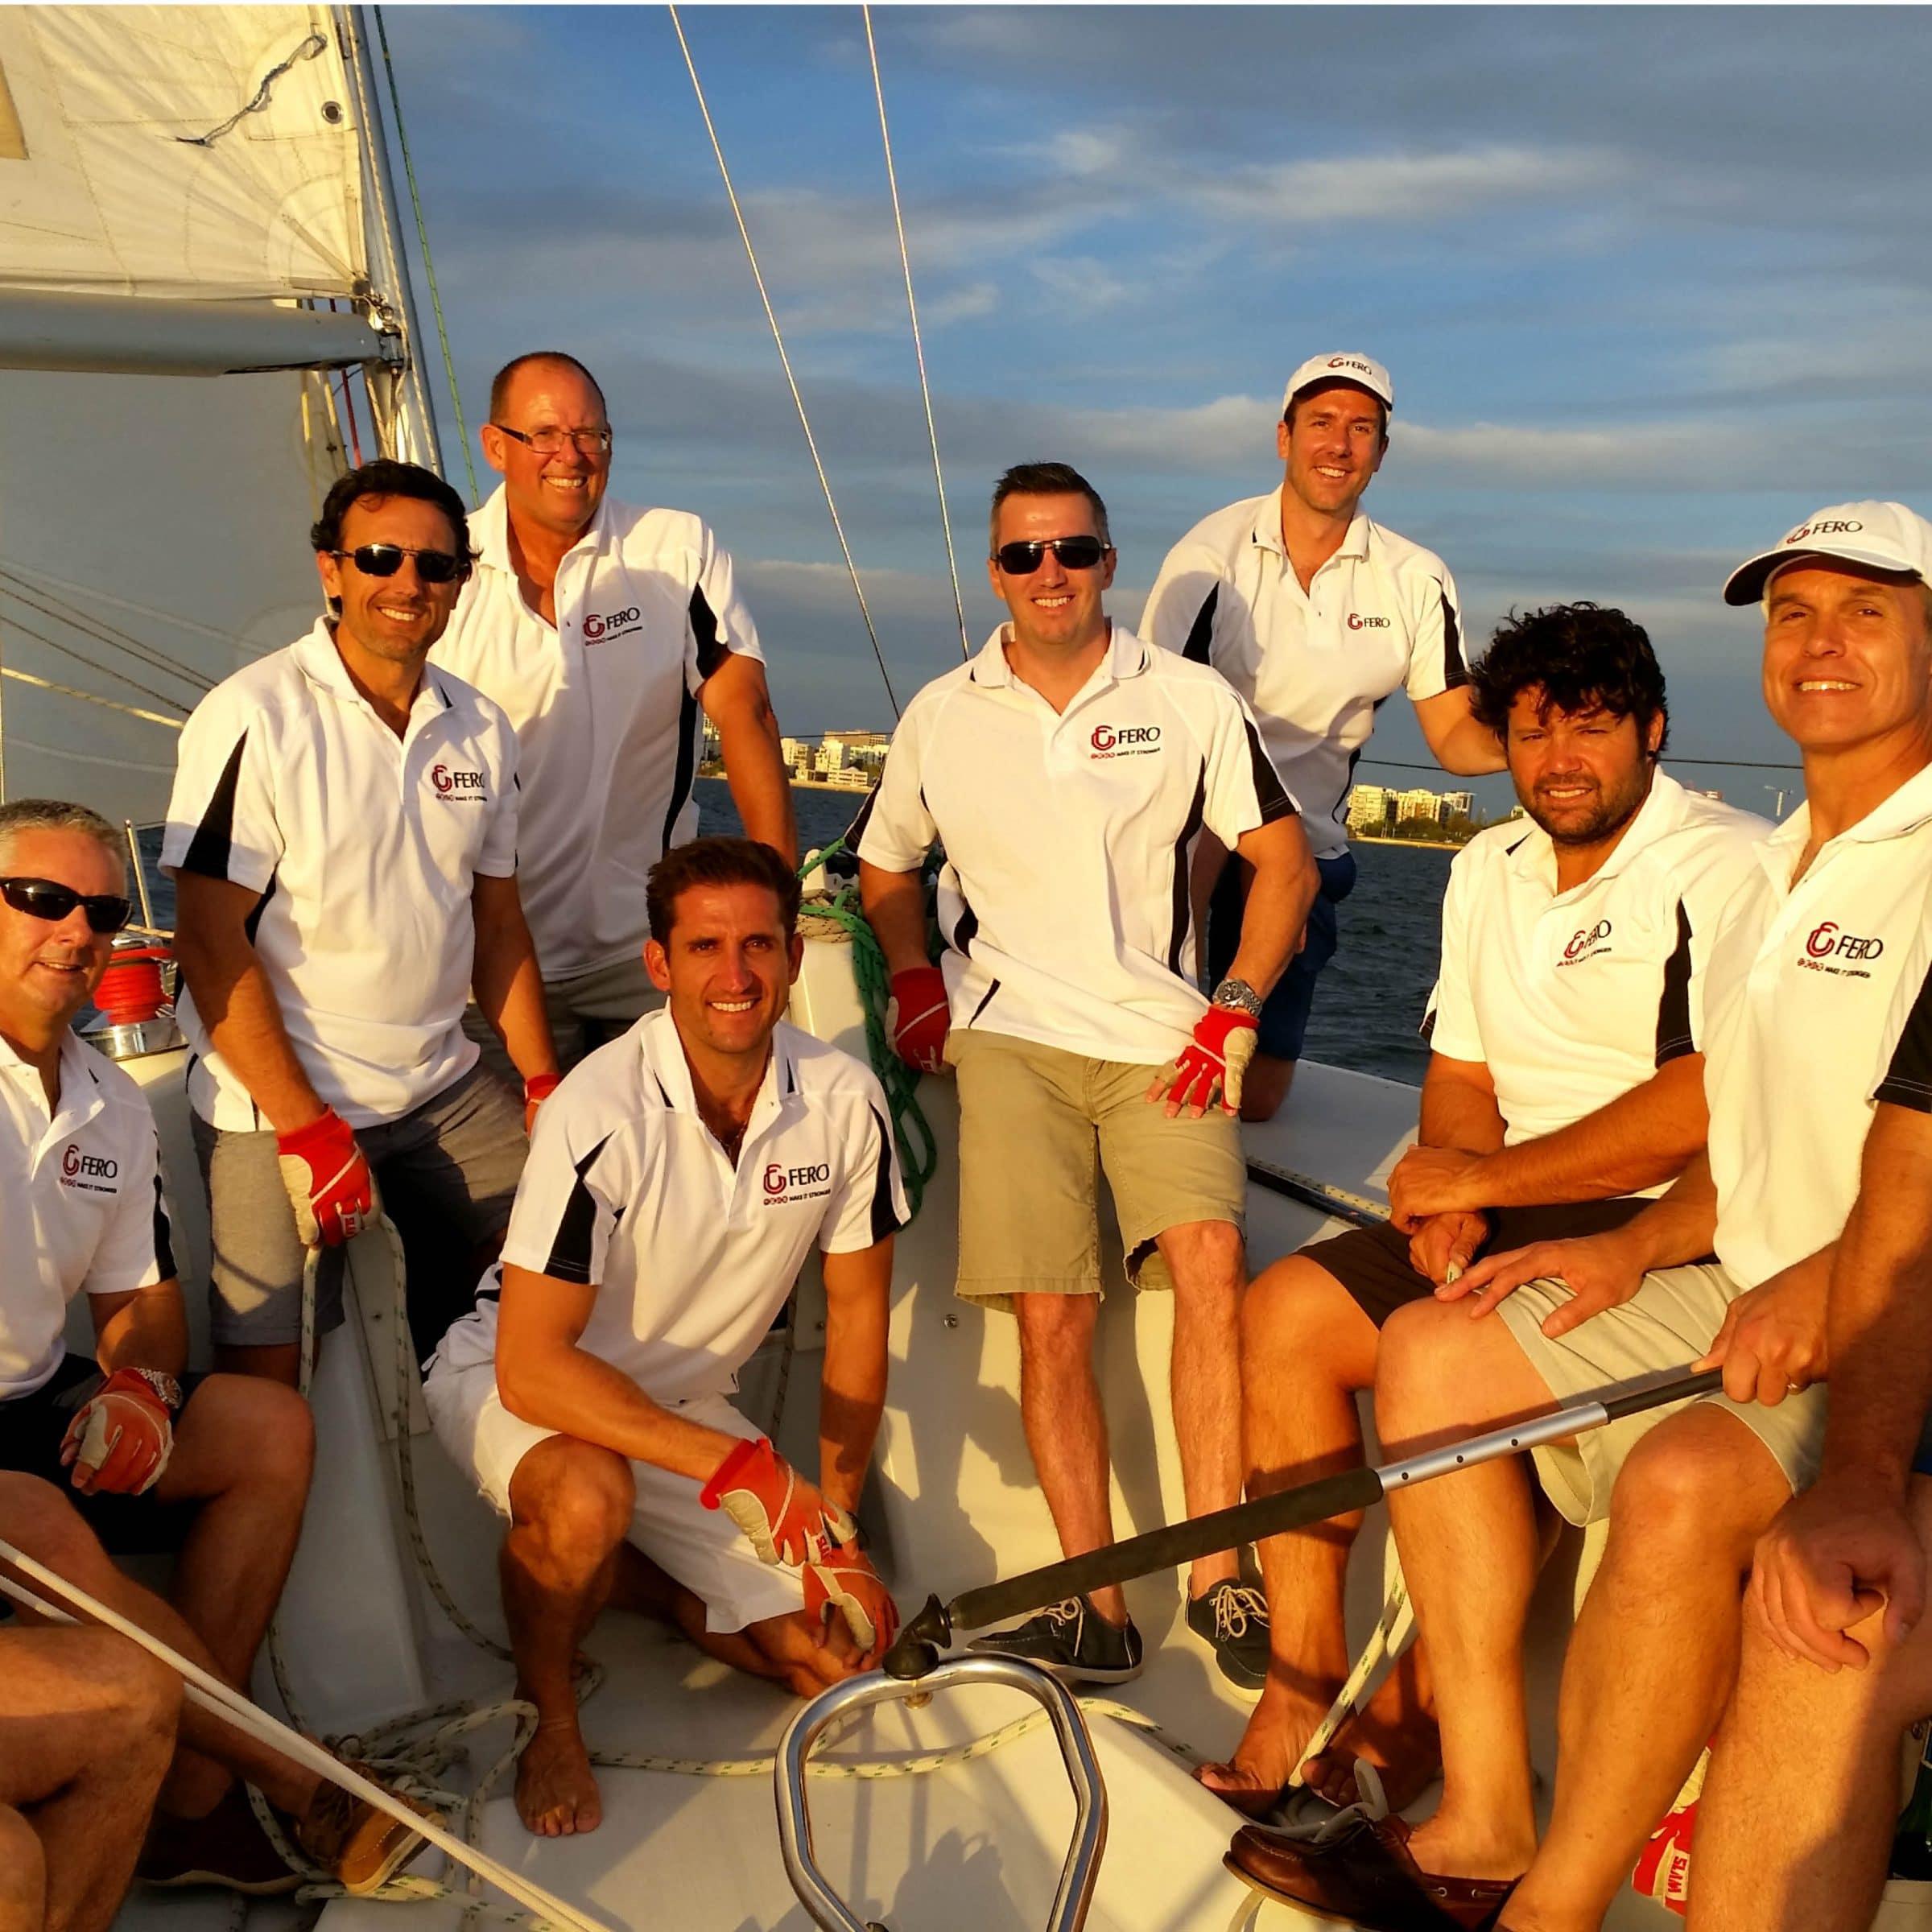 2019 Corporate cup regatta city of Perth festival of sail